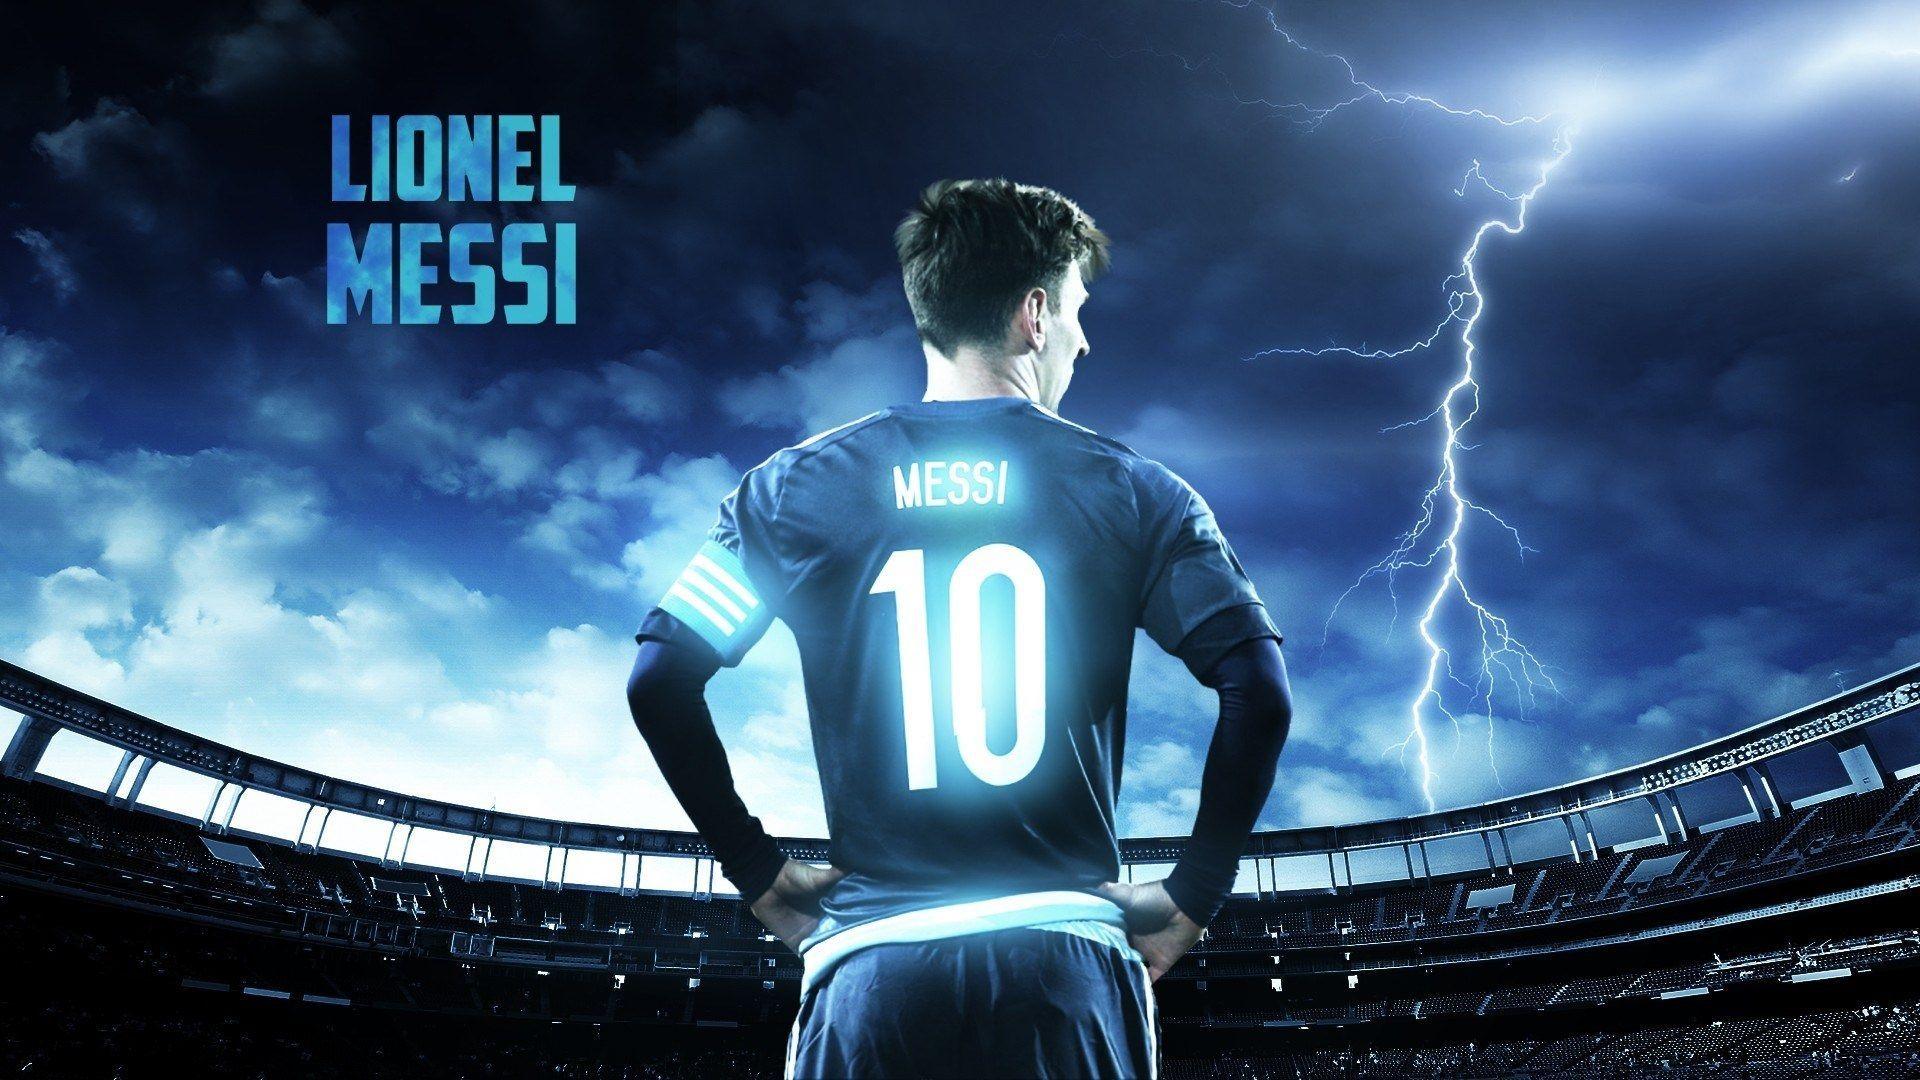 Messi Wallpaper Football Wallpaper Lionel Messi Lionel Messi Wallpapers Leo Messi